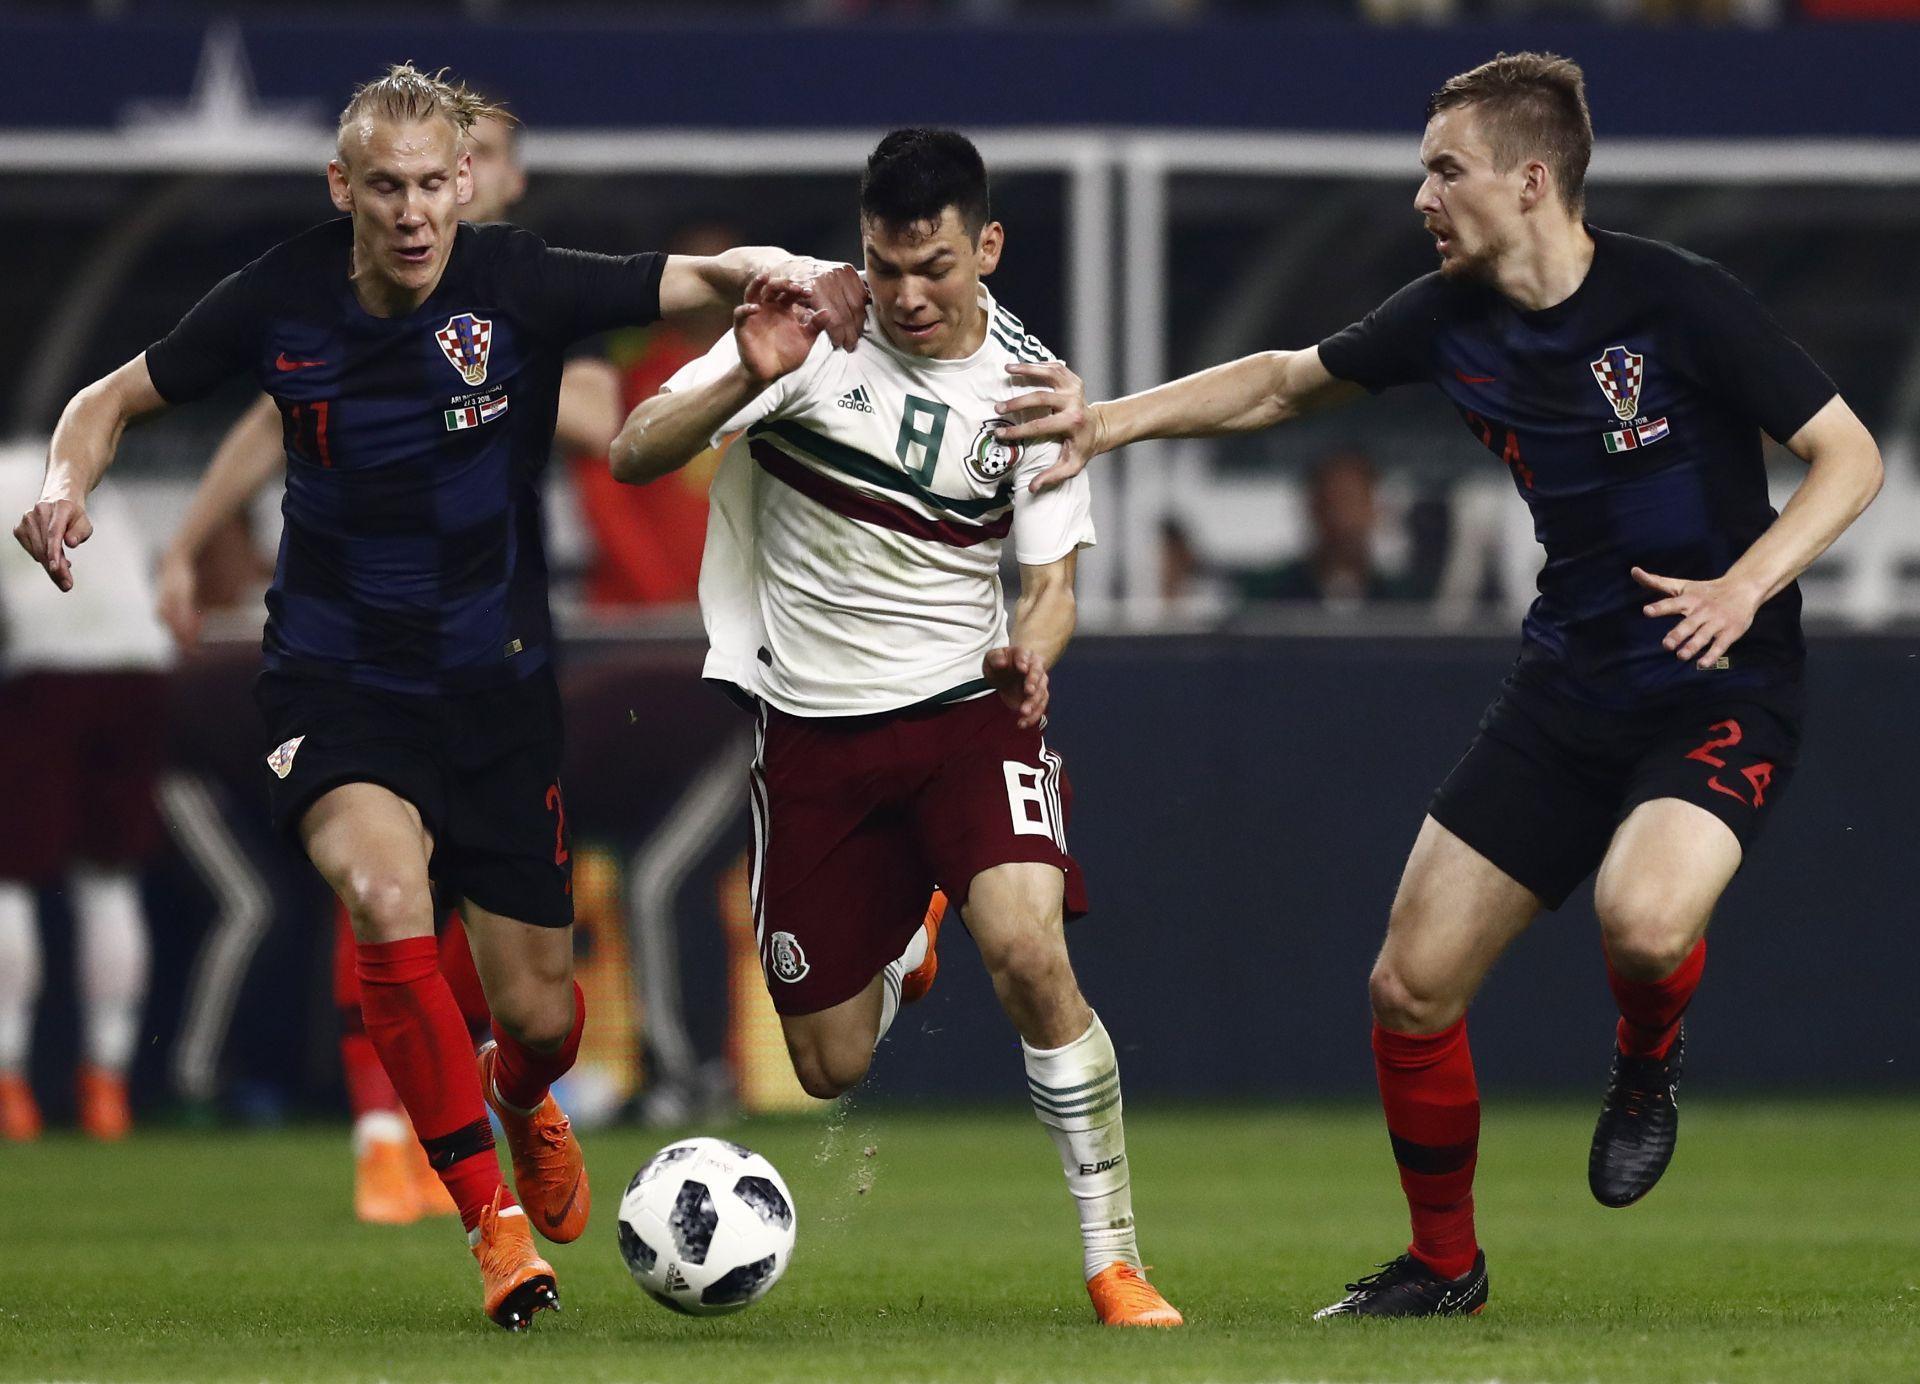 Croacia, sin varias de sus figuras, vence a México en amistoso